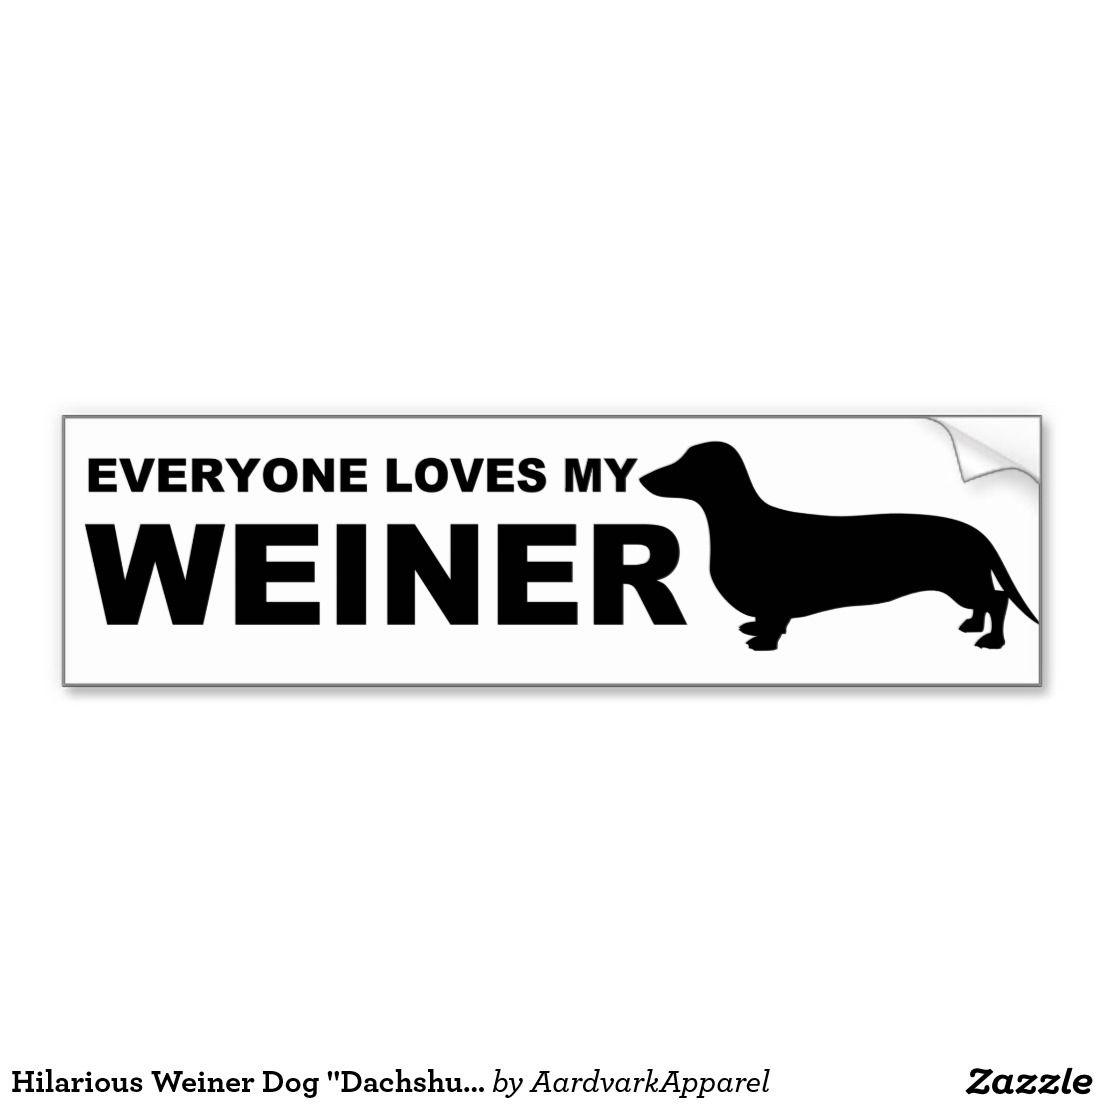 Hilarious Weiner Dog Dachshund Quote Bumper Sticker Zazzle Com Dachshund Quotes Weiner Dog Weiner Dog Humor [ 1104 x 1104 Pixel ]